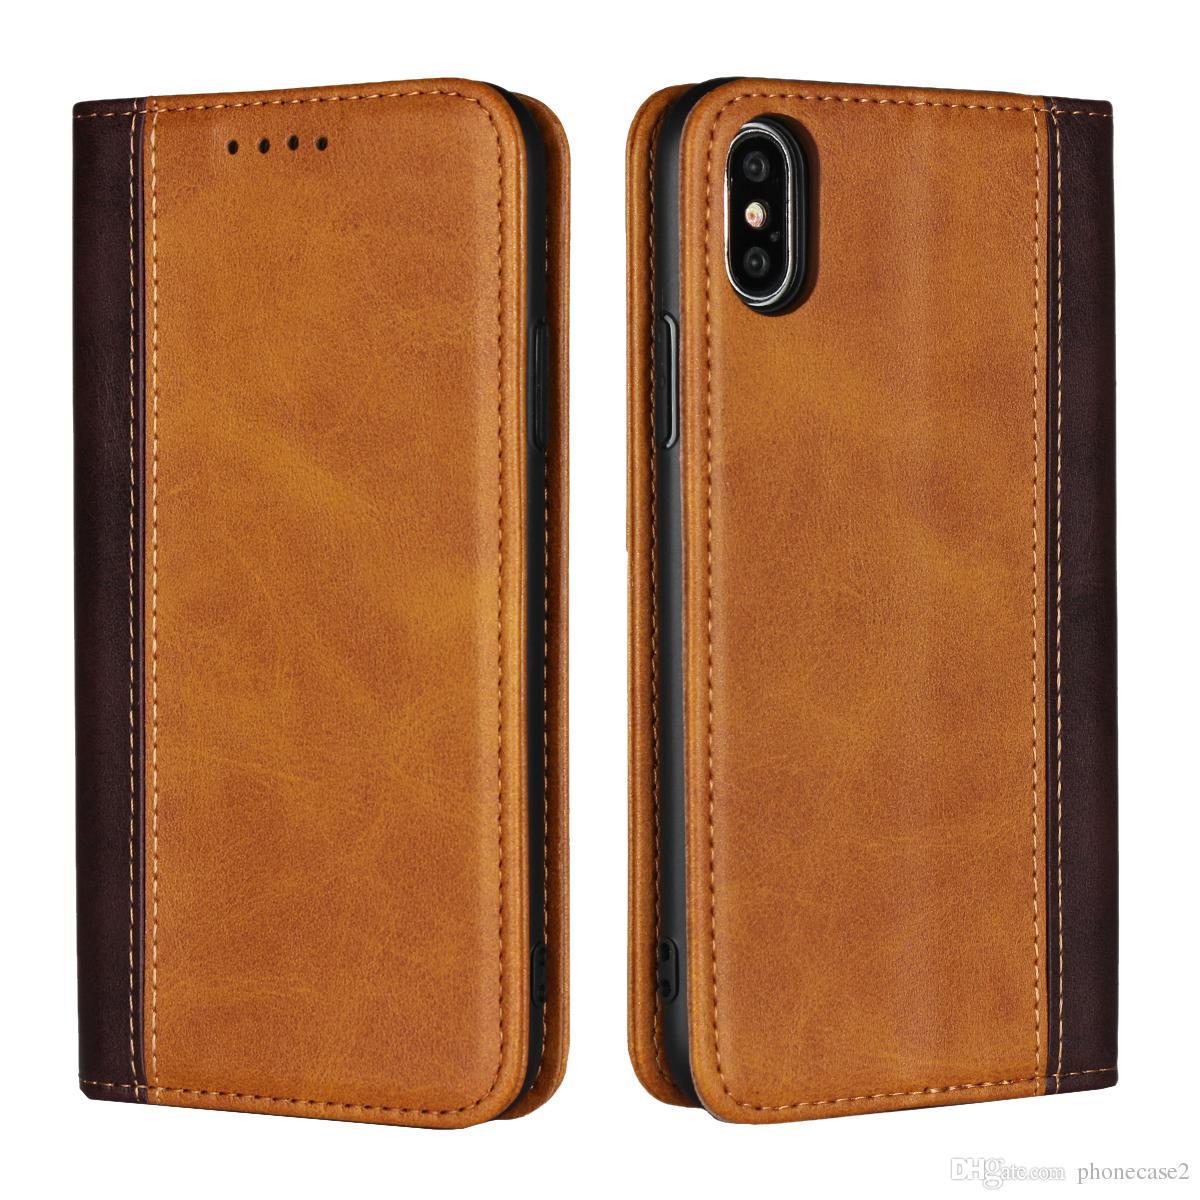 e653e4b38e0 Fundas Universales Para Moviles Funda Con Tapa De Cuero Para IPhone XS Max  DNGN Funda Magnética Con Tapa De Cuero Para IPhone XS MAX 6.5 '' Funda Con  Tapa ...